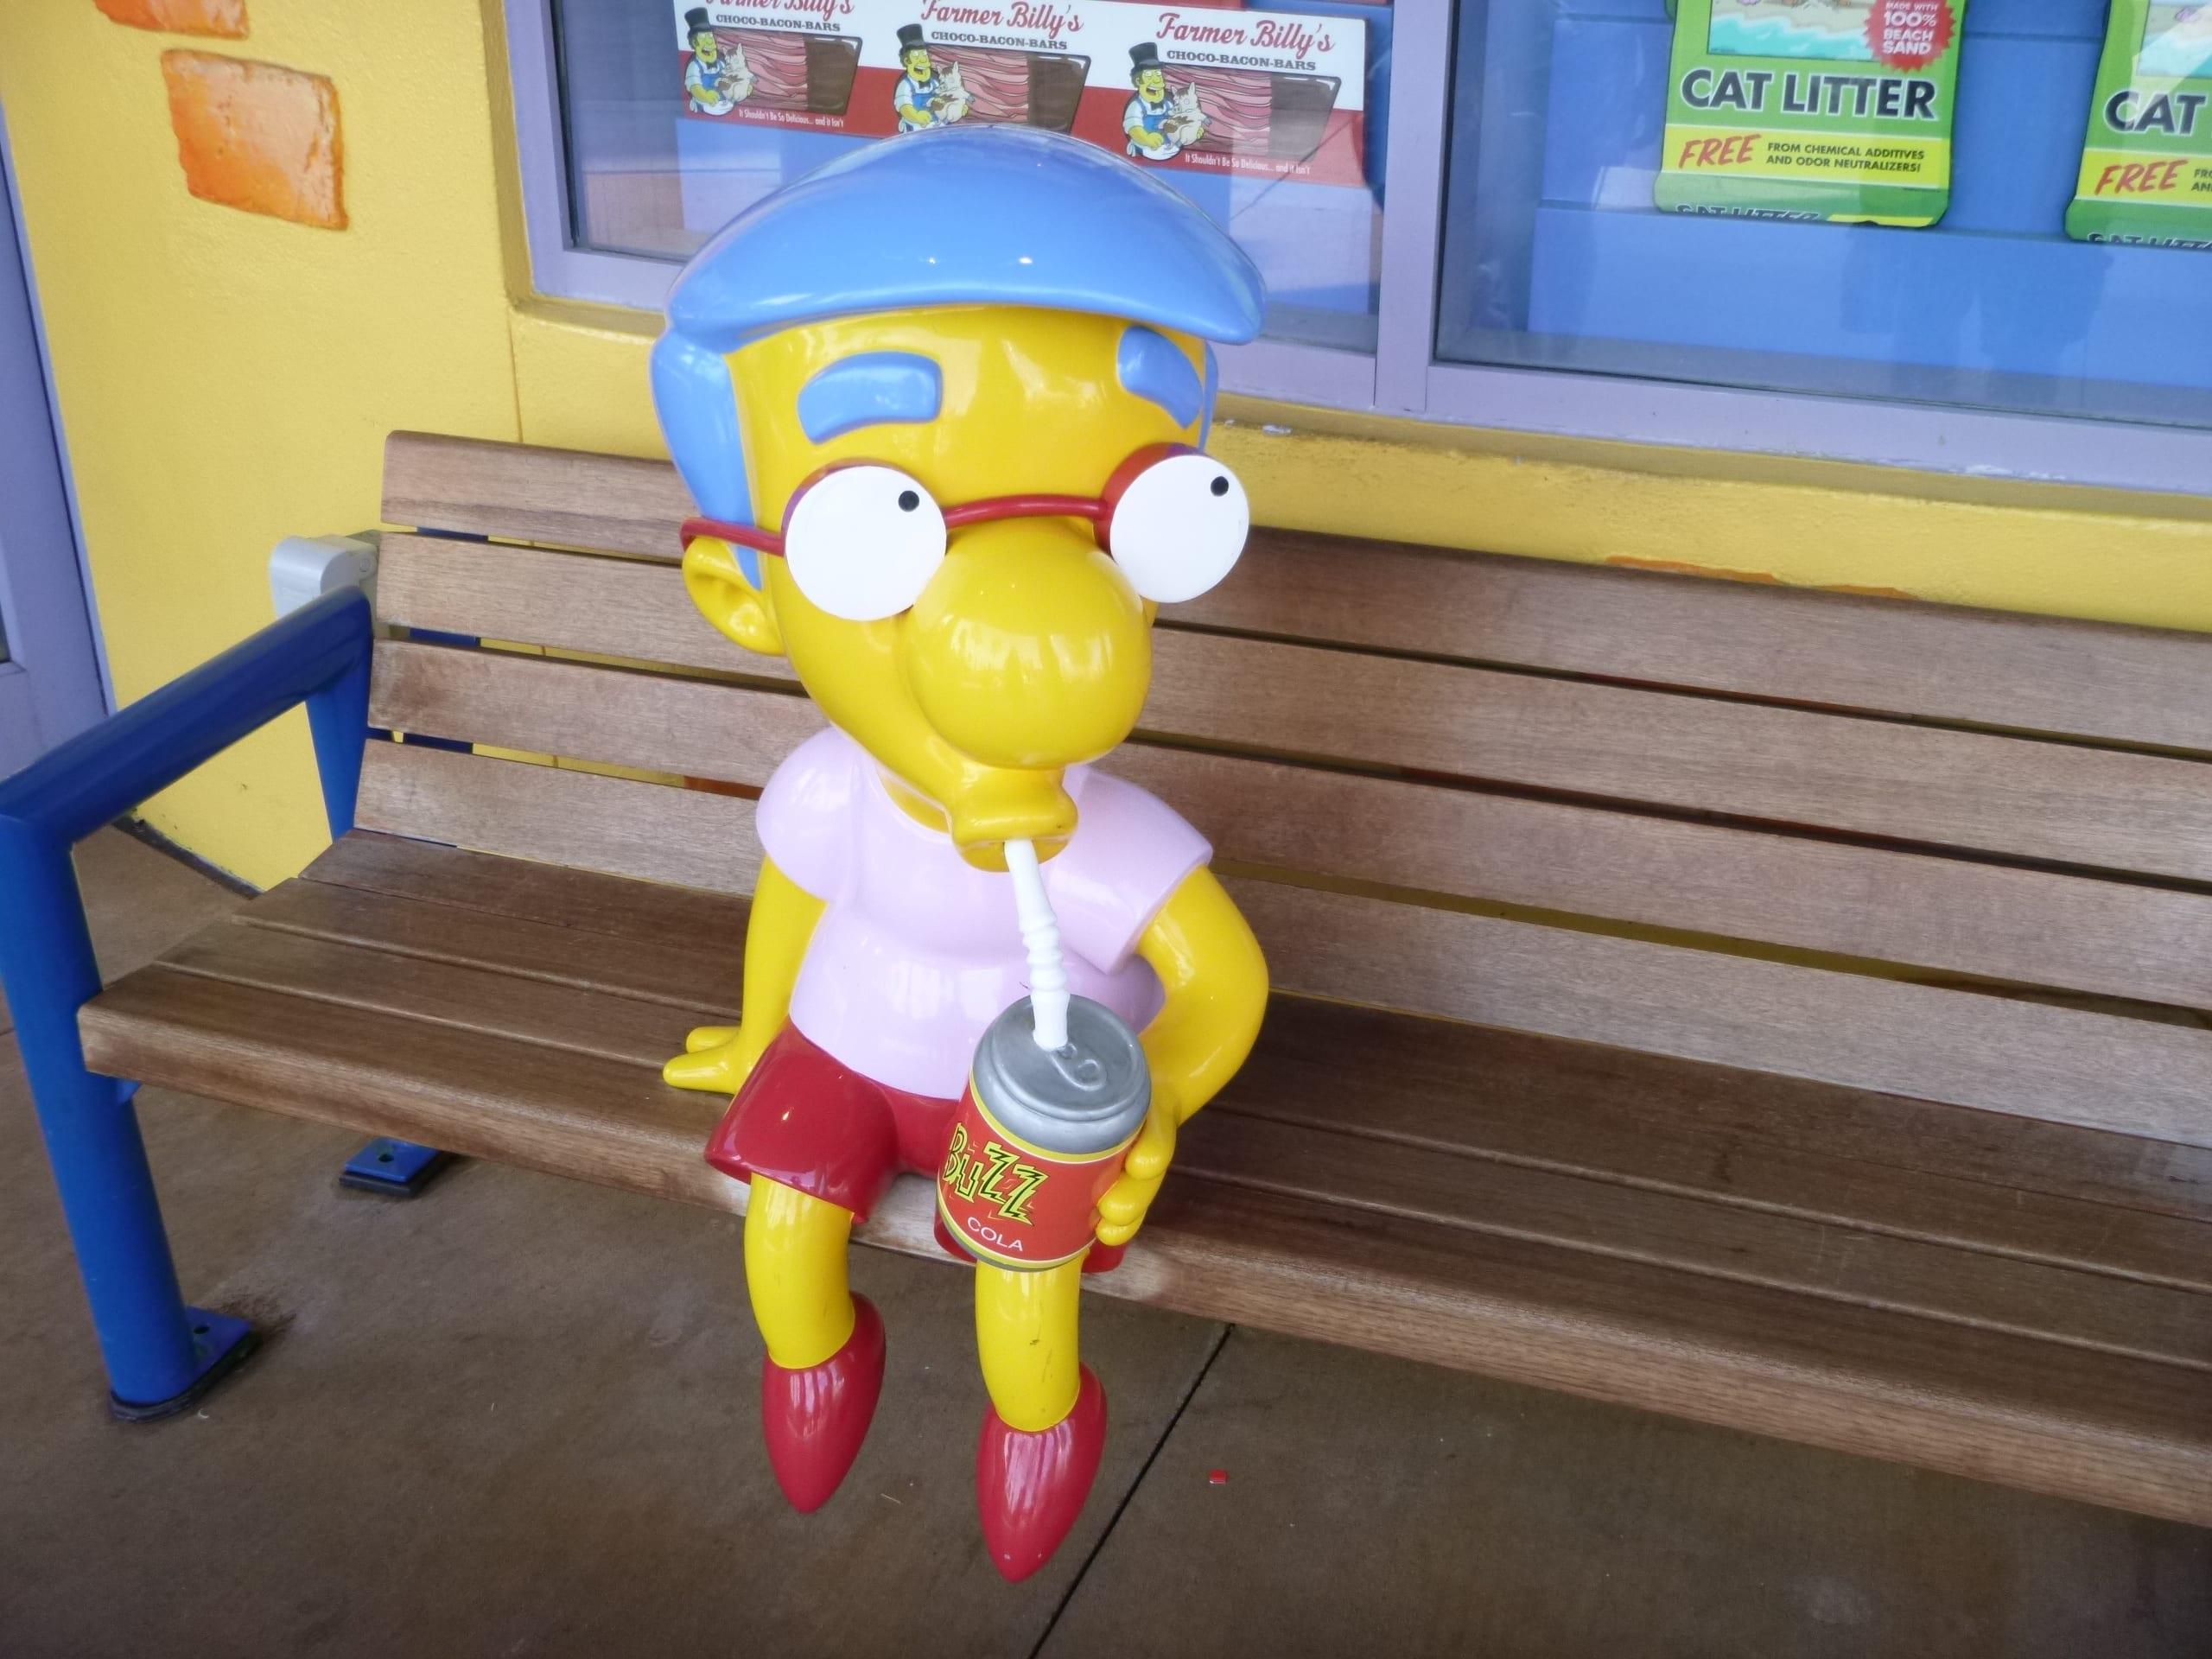 Milhouse_Springfield_U_S_A